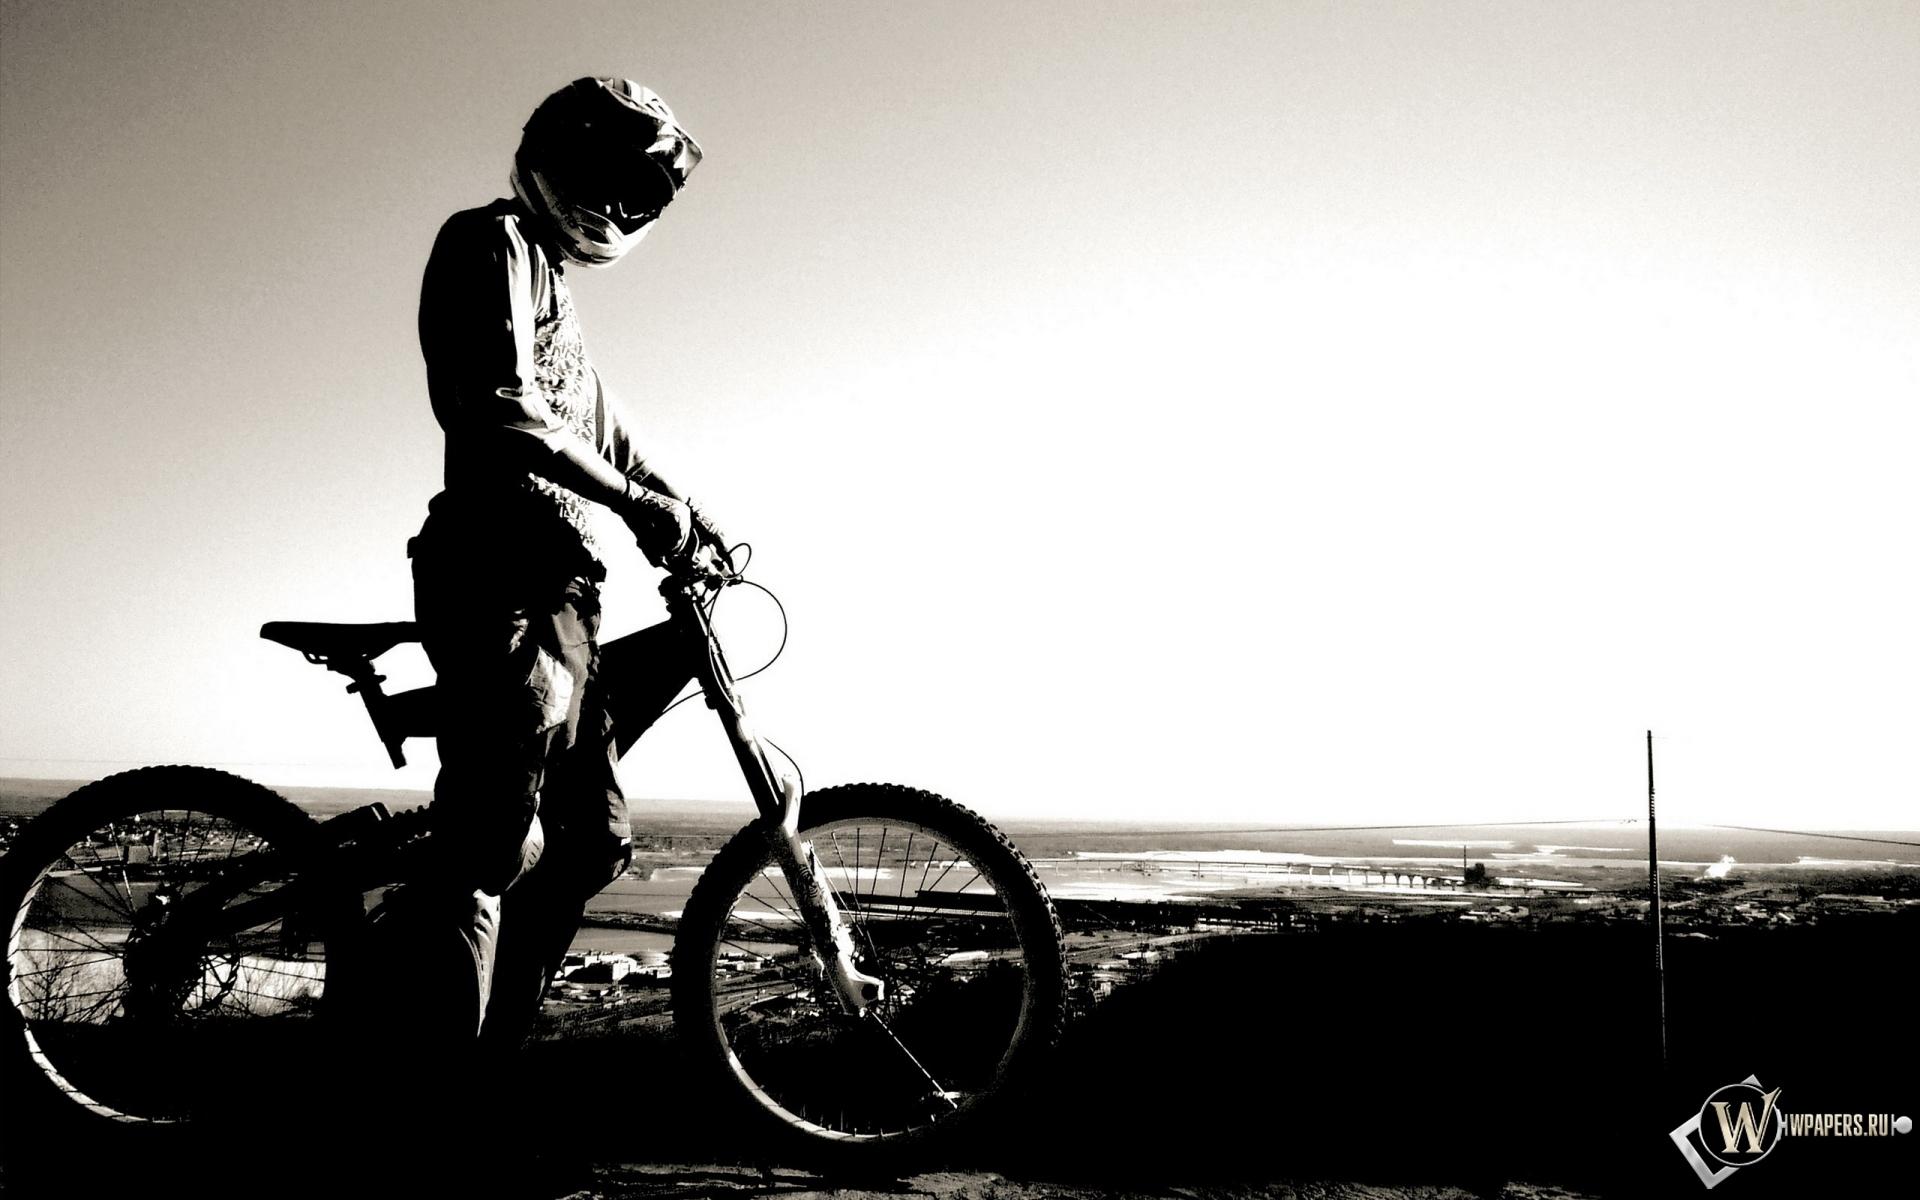 Велосипедист 1920x1200